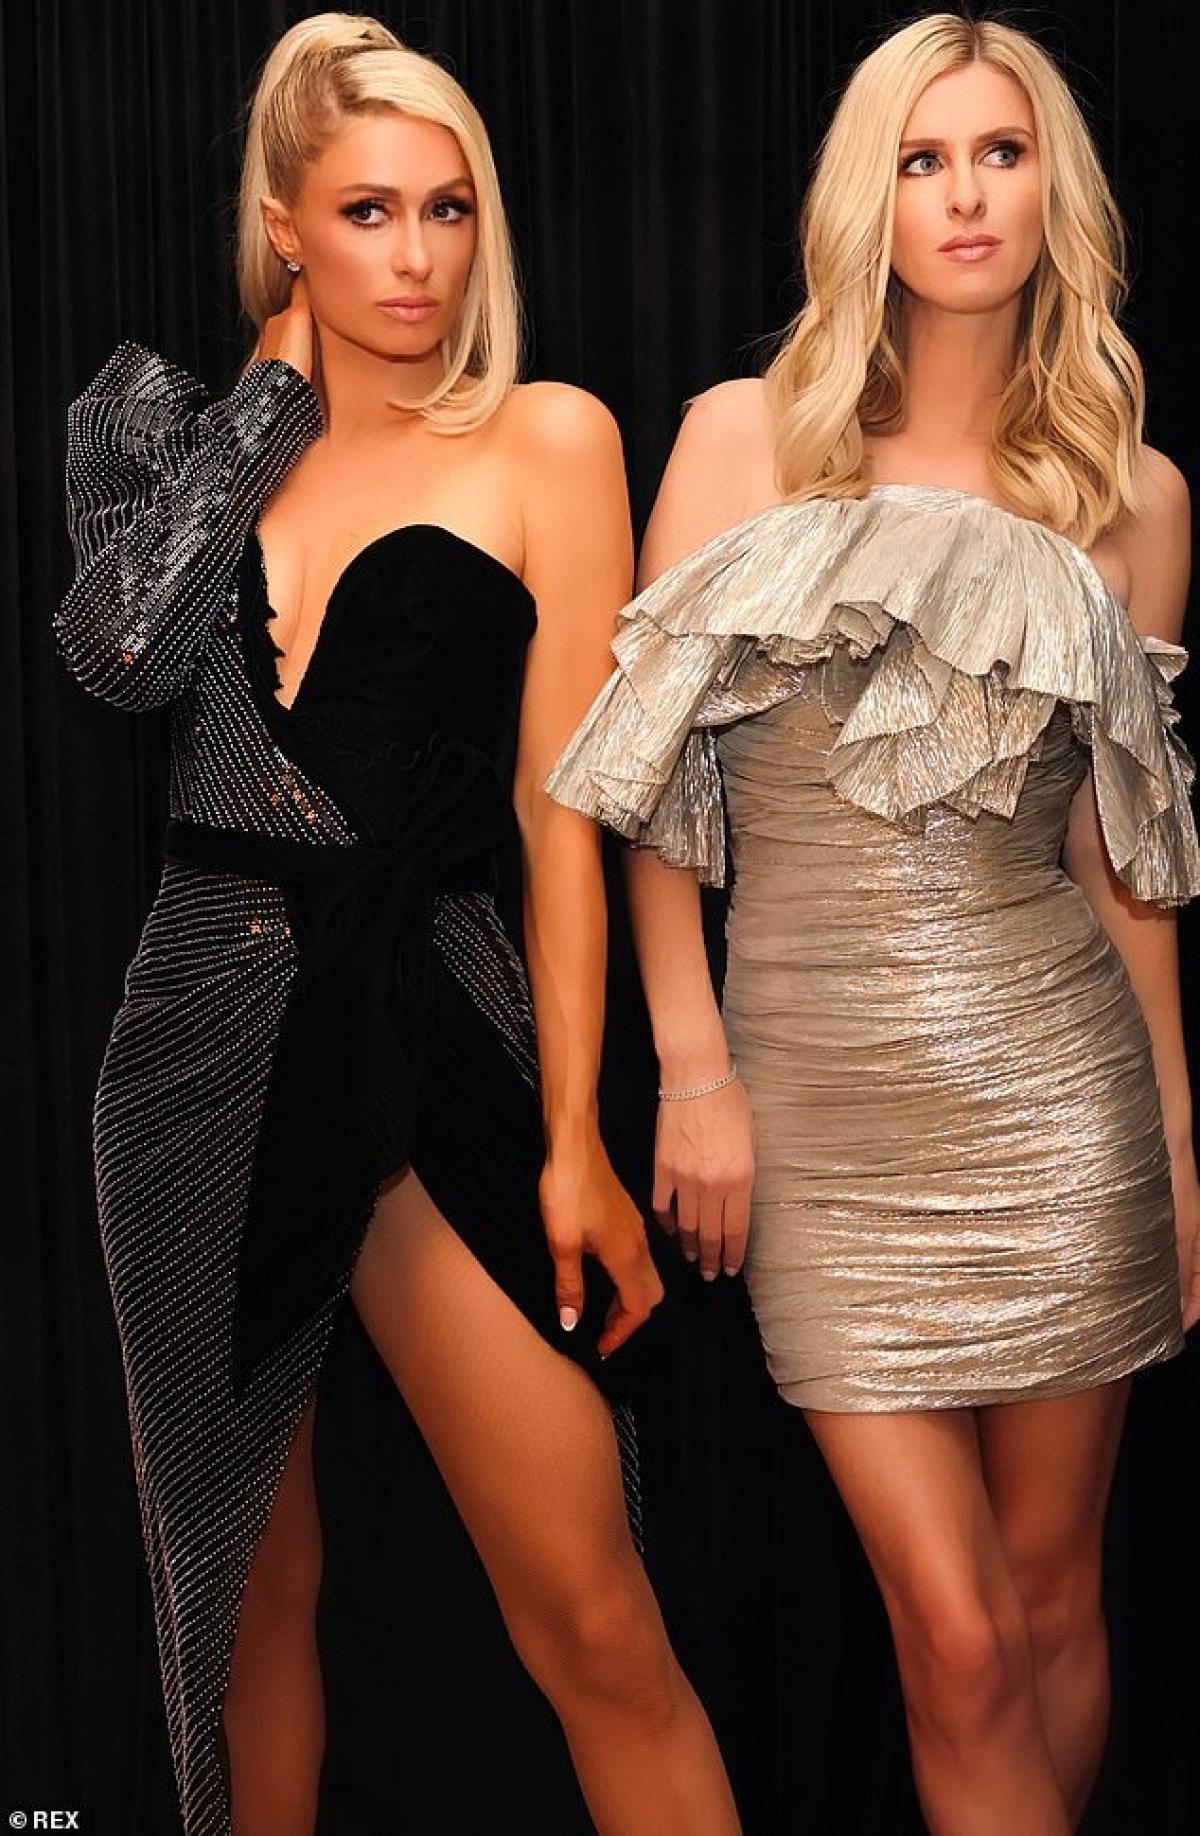 Cặp chị em nhà Hilton mặc váy gợi cảm, khoe nhan sắc thăng hạng đáng ngưỡng mộ./.